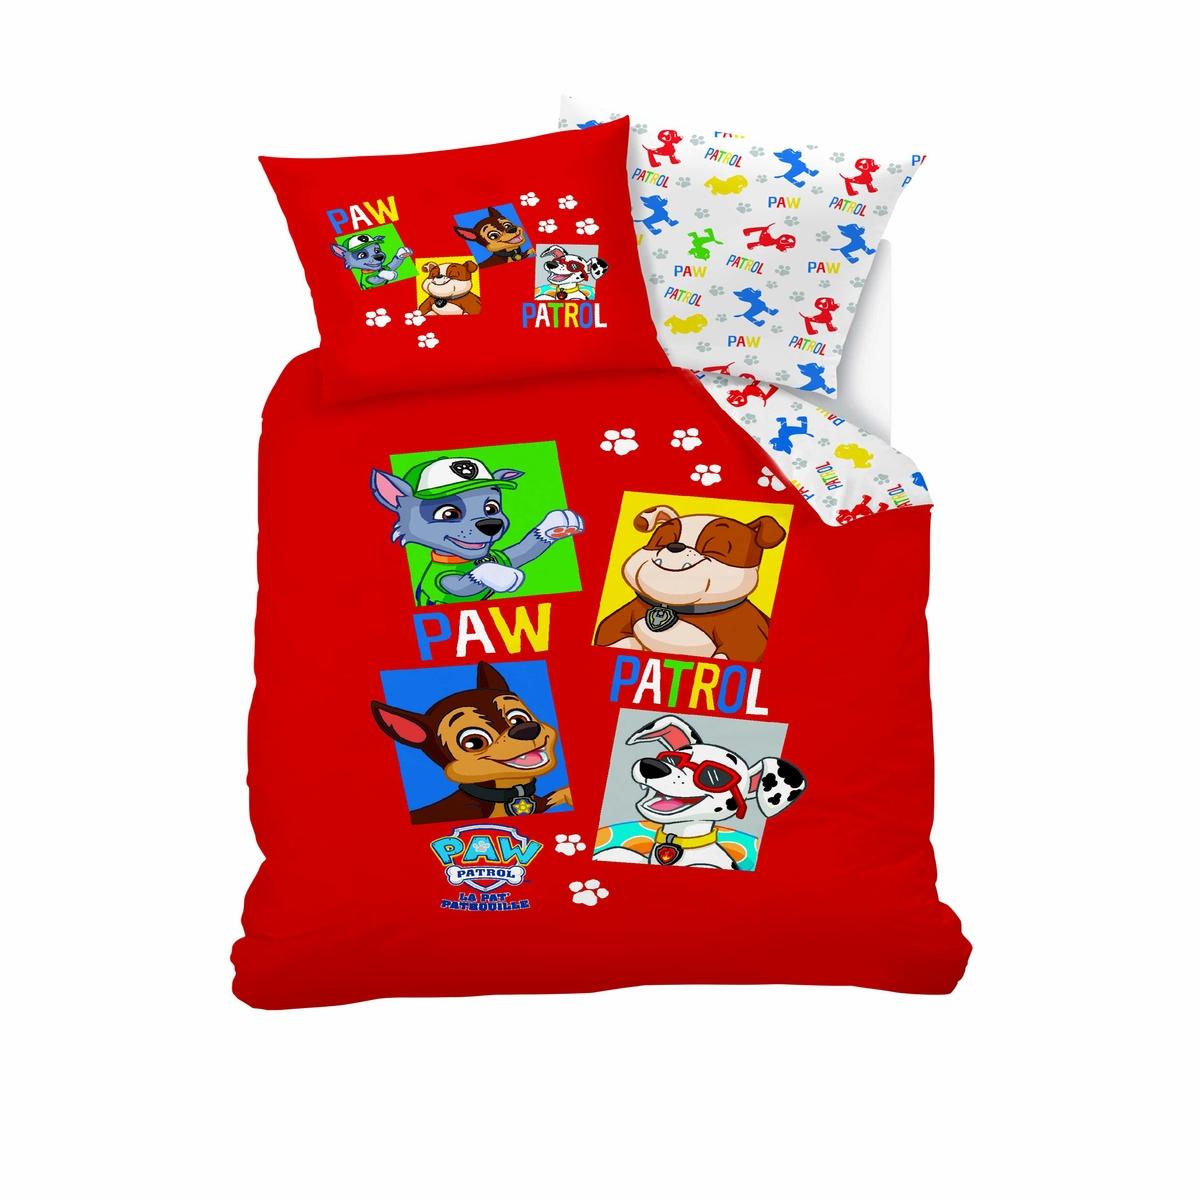 Комплект детского постельного белья: пододеяльник и наволочка Paw Patrol